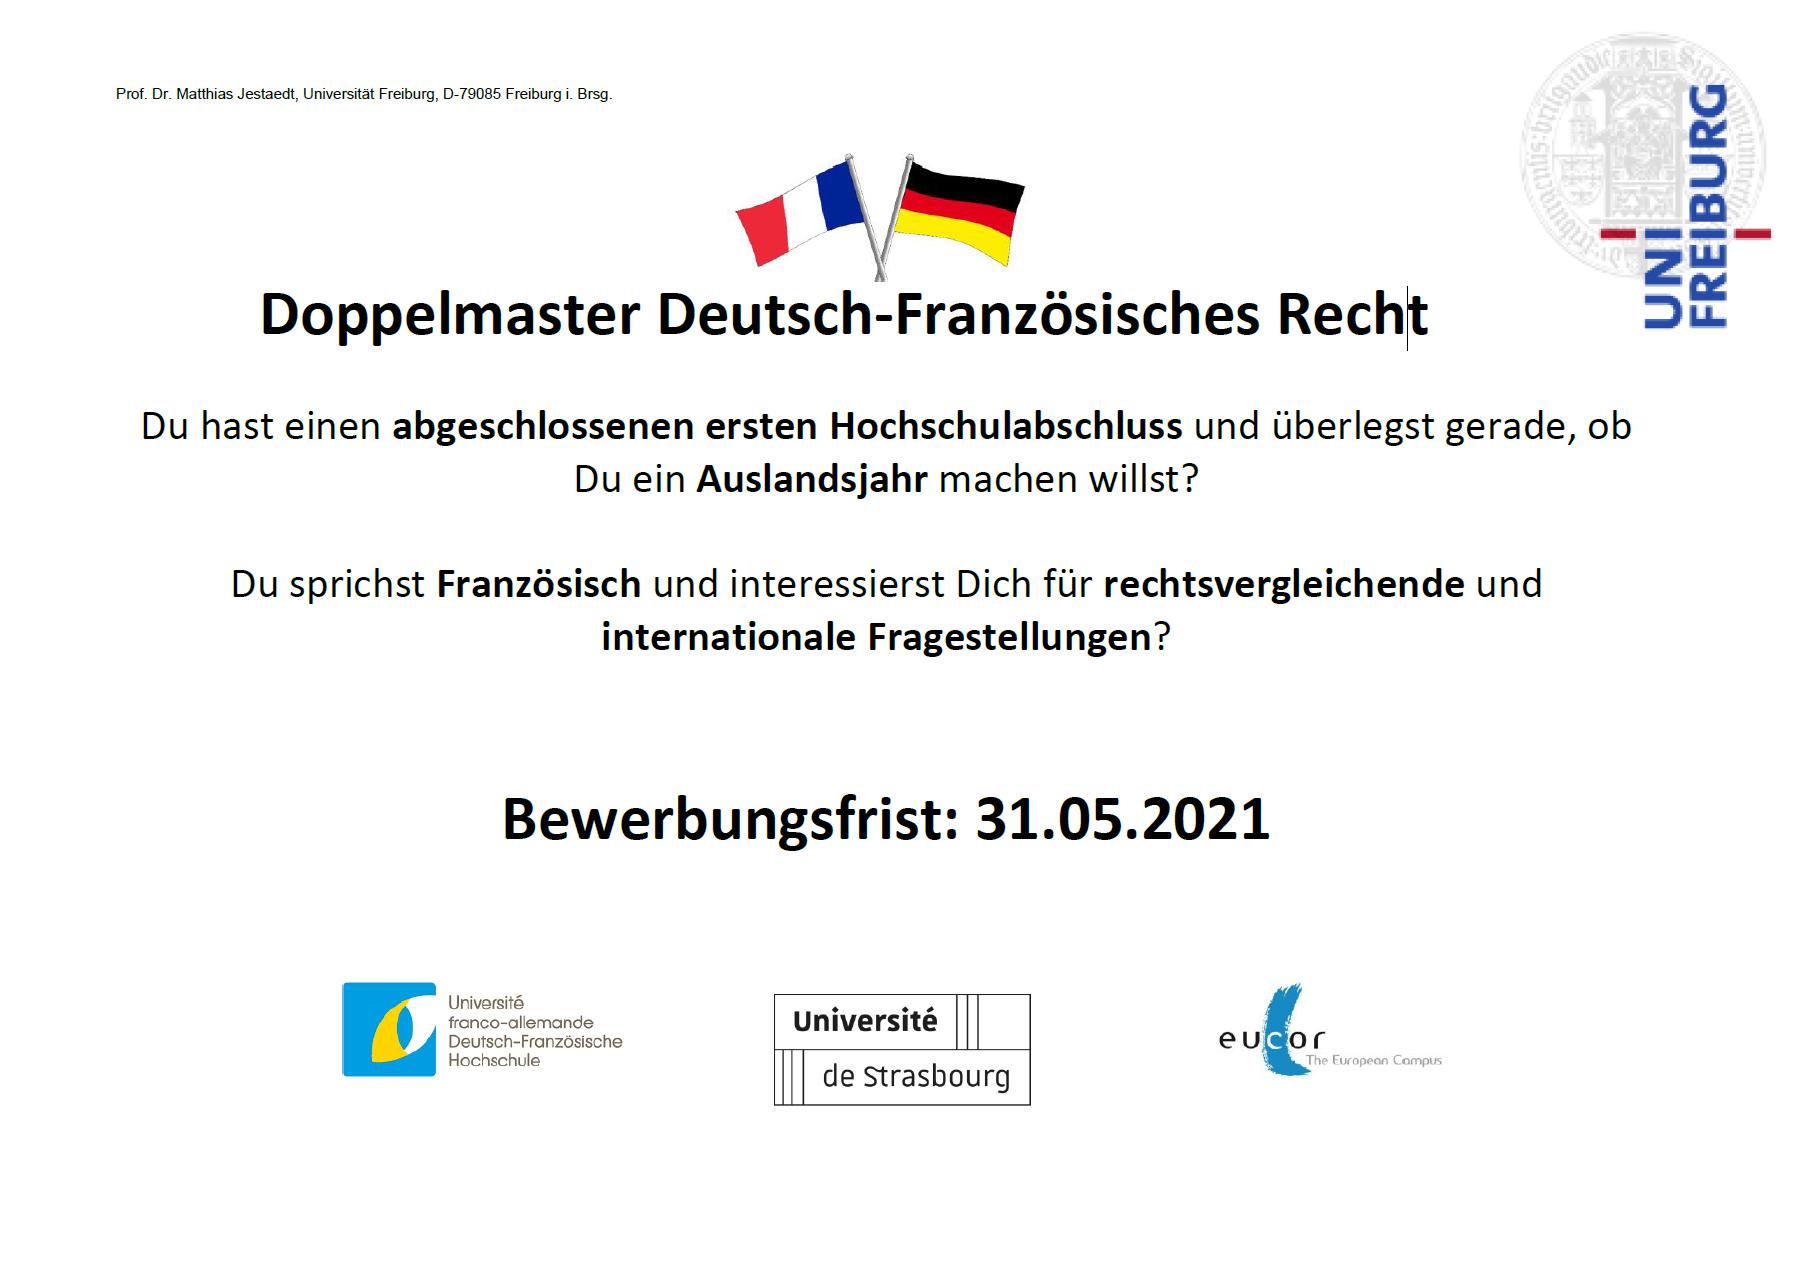 Bewerbungsfrist für den Deutsch-Französischen Doppelmaster